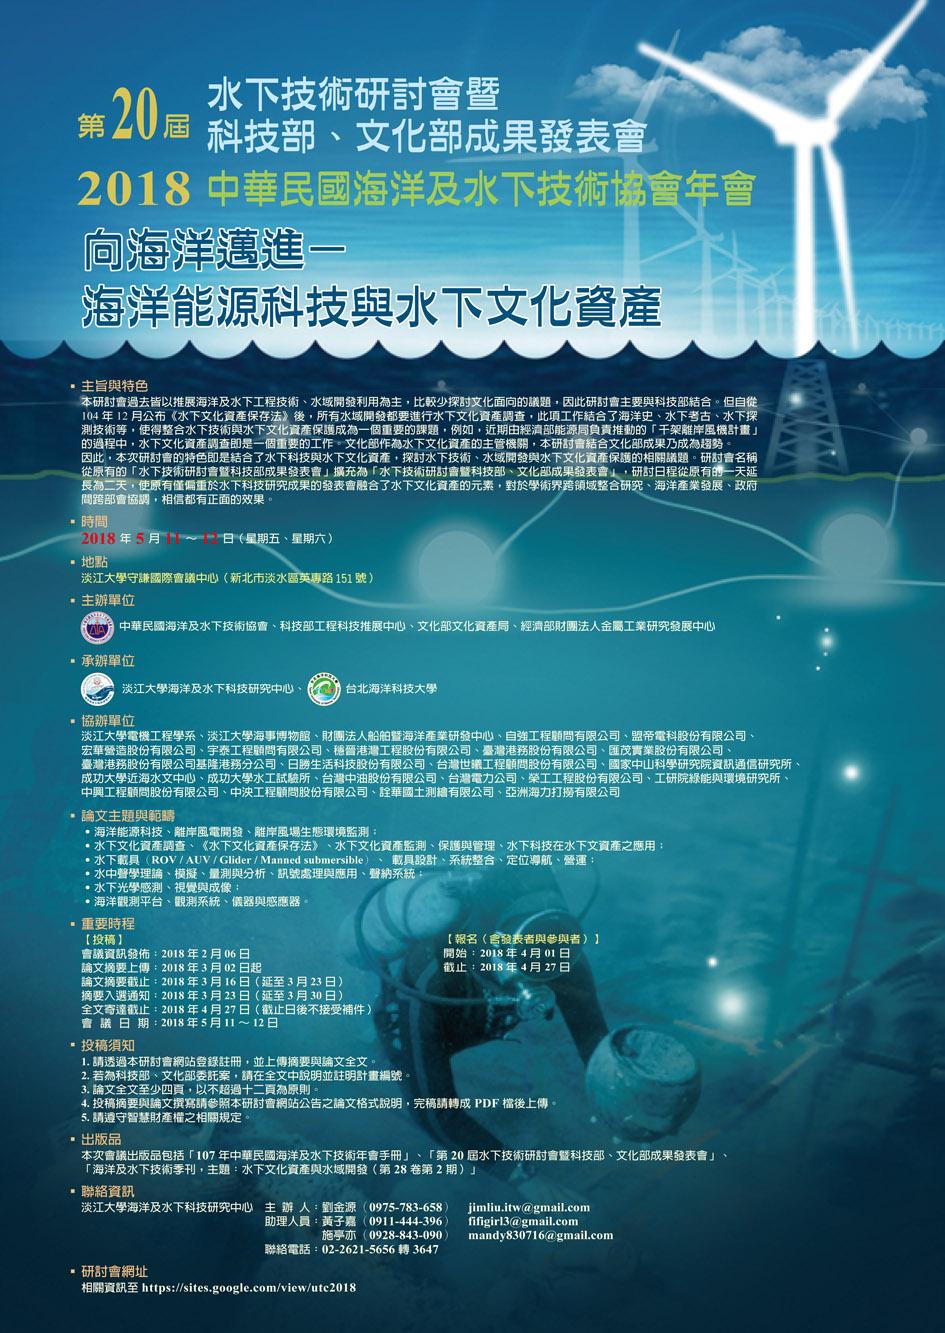 活動海報:第20屆水下技術研討會暨科技部、文化部成果發表會